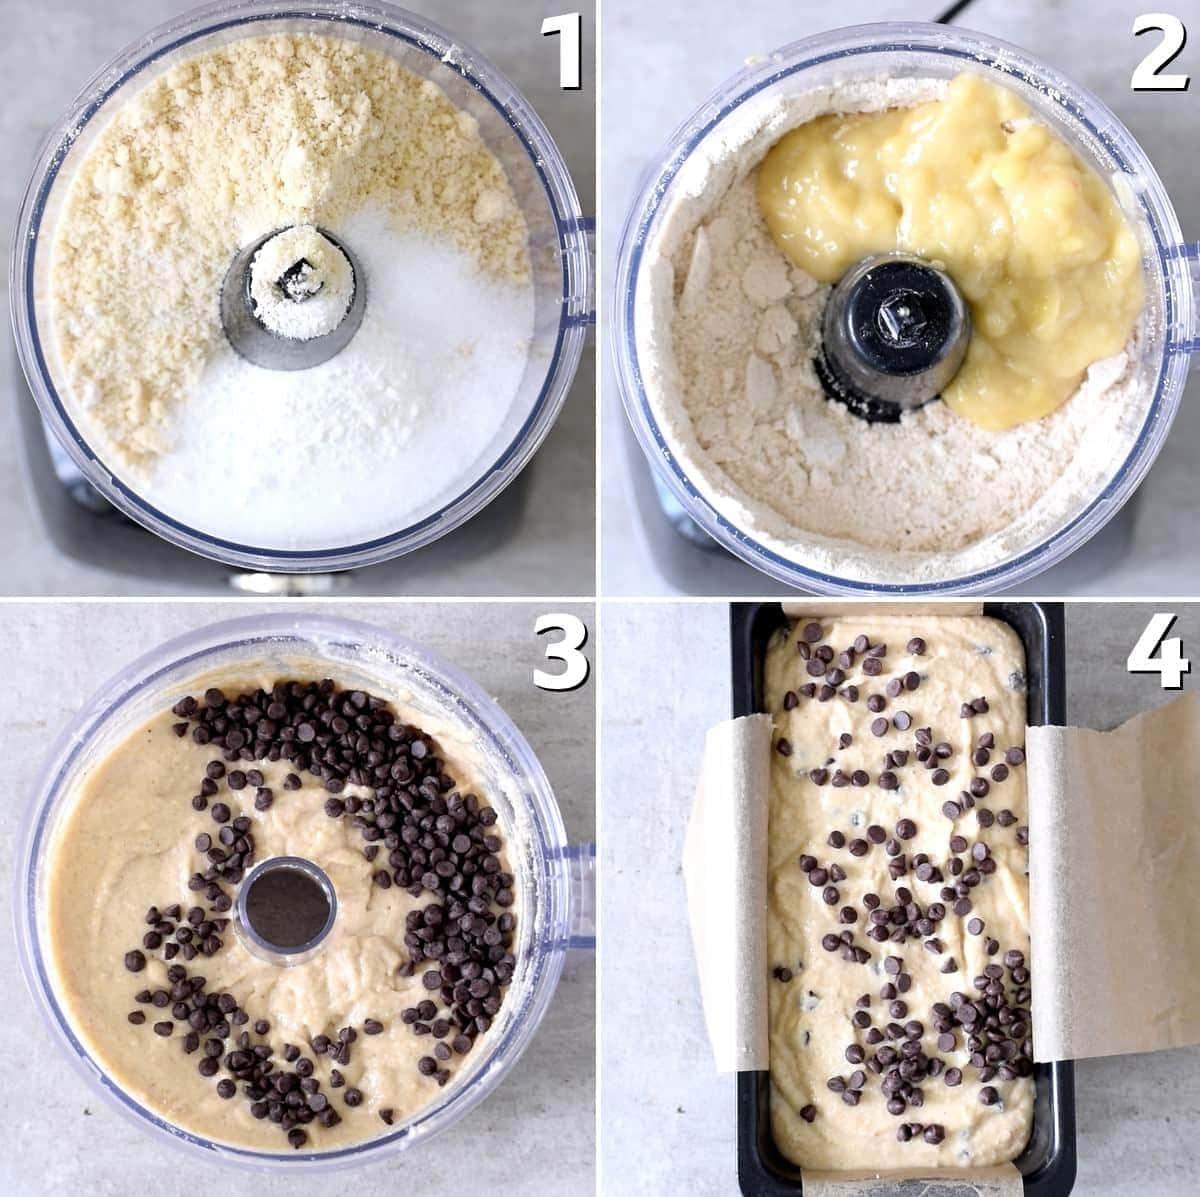 4 Schritt-Für-Schritt-Fotos wie man vegan banana bread im Zerkleinerer zubereitet